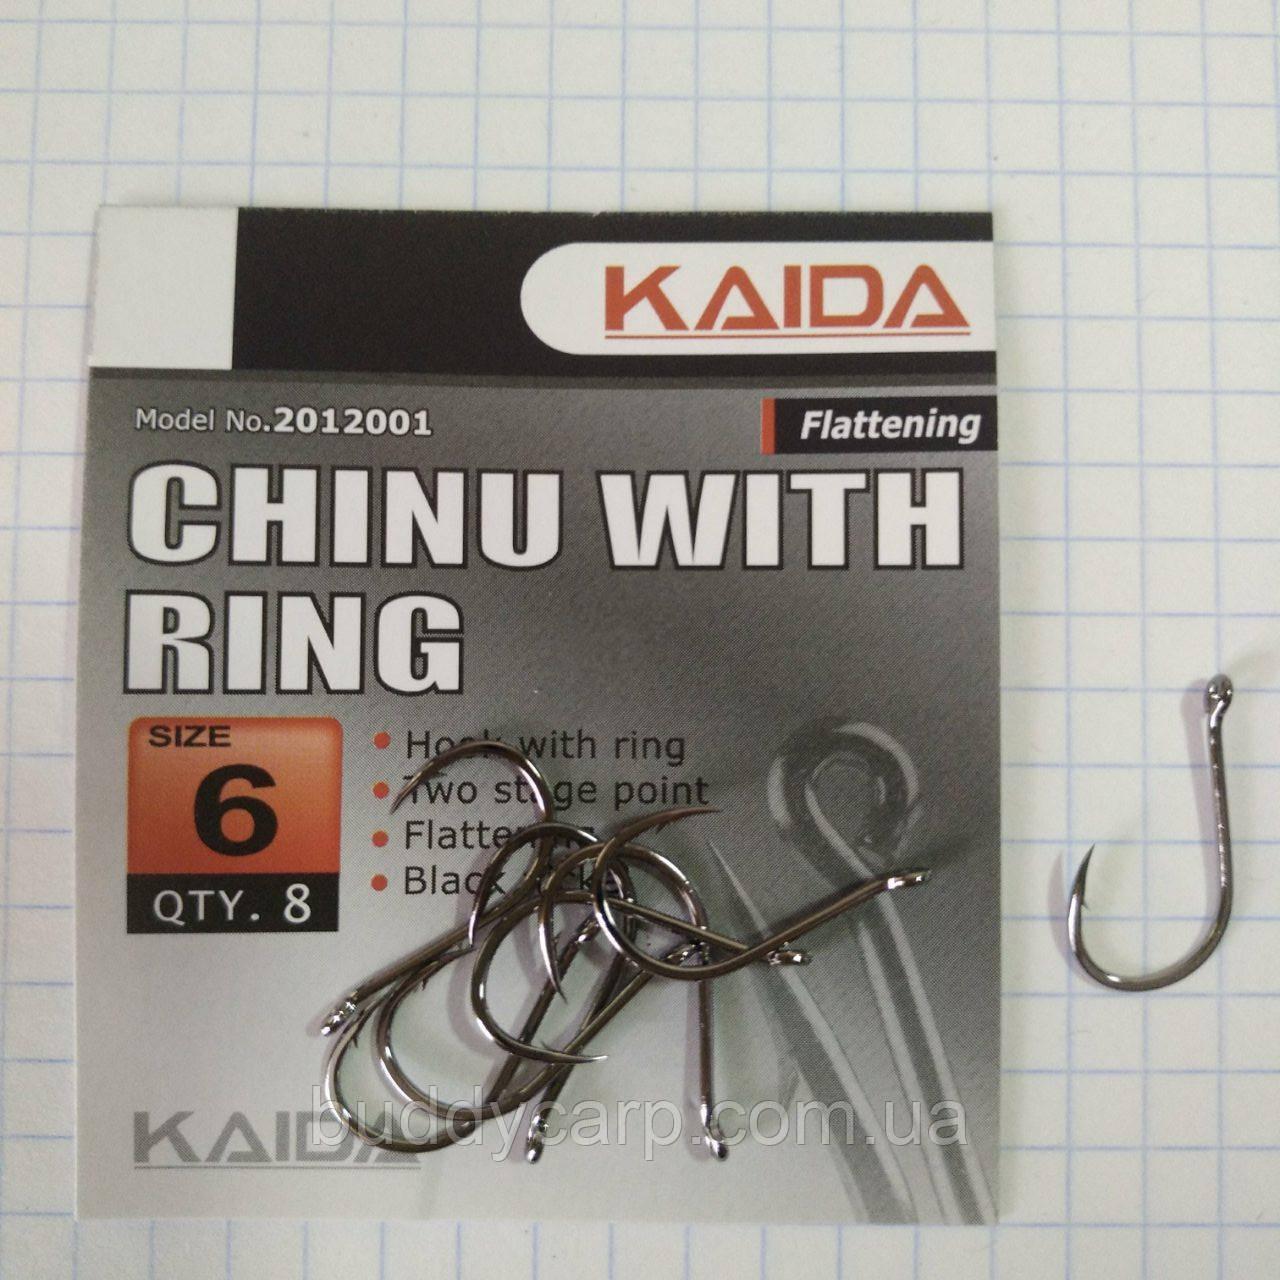 Крючки Kaida Chinu With Ring # 6